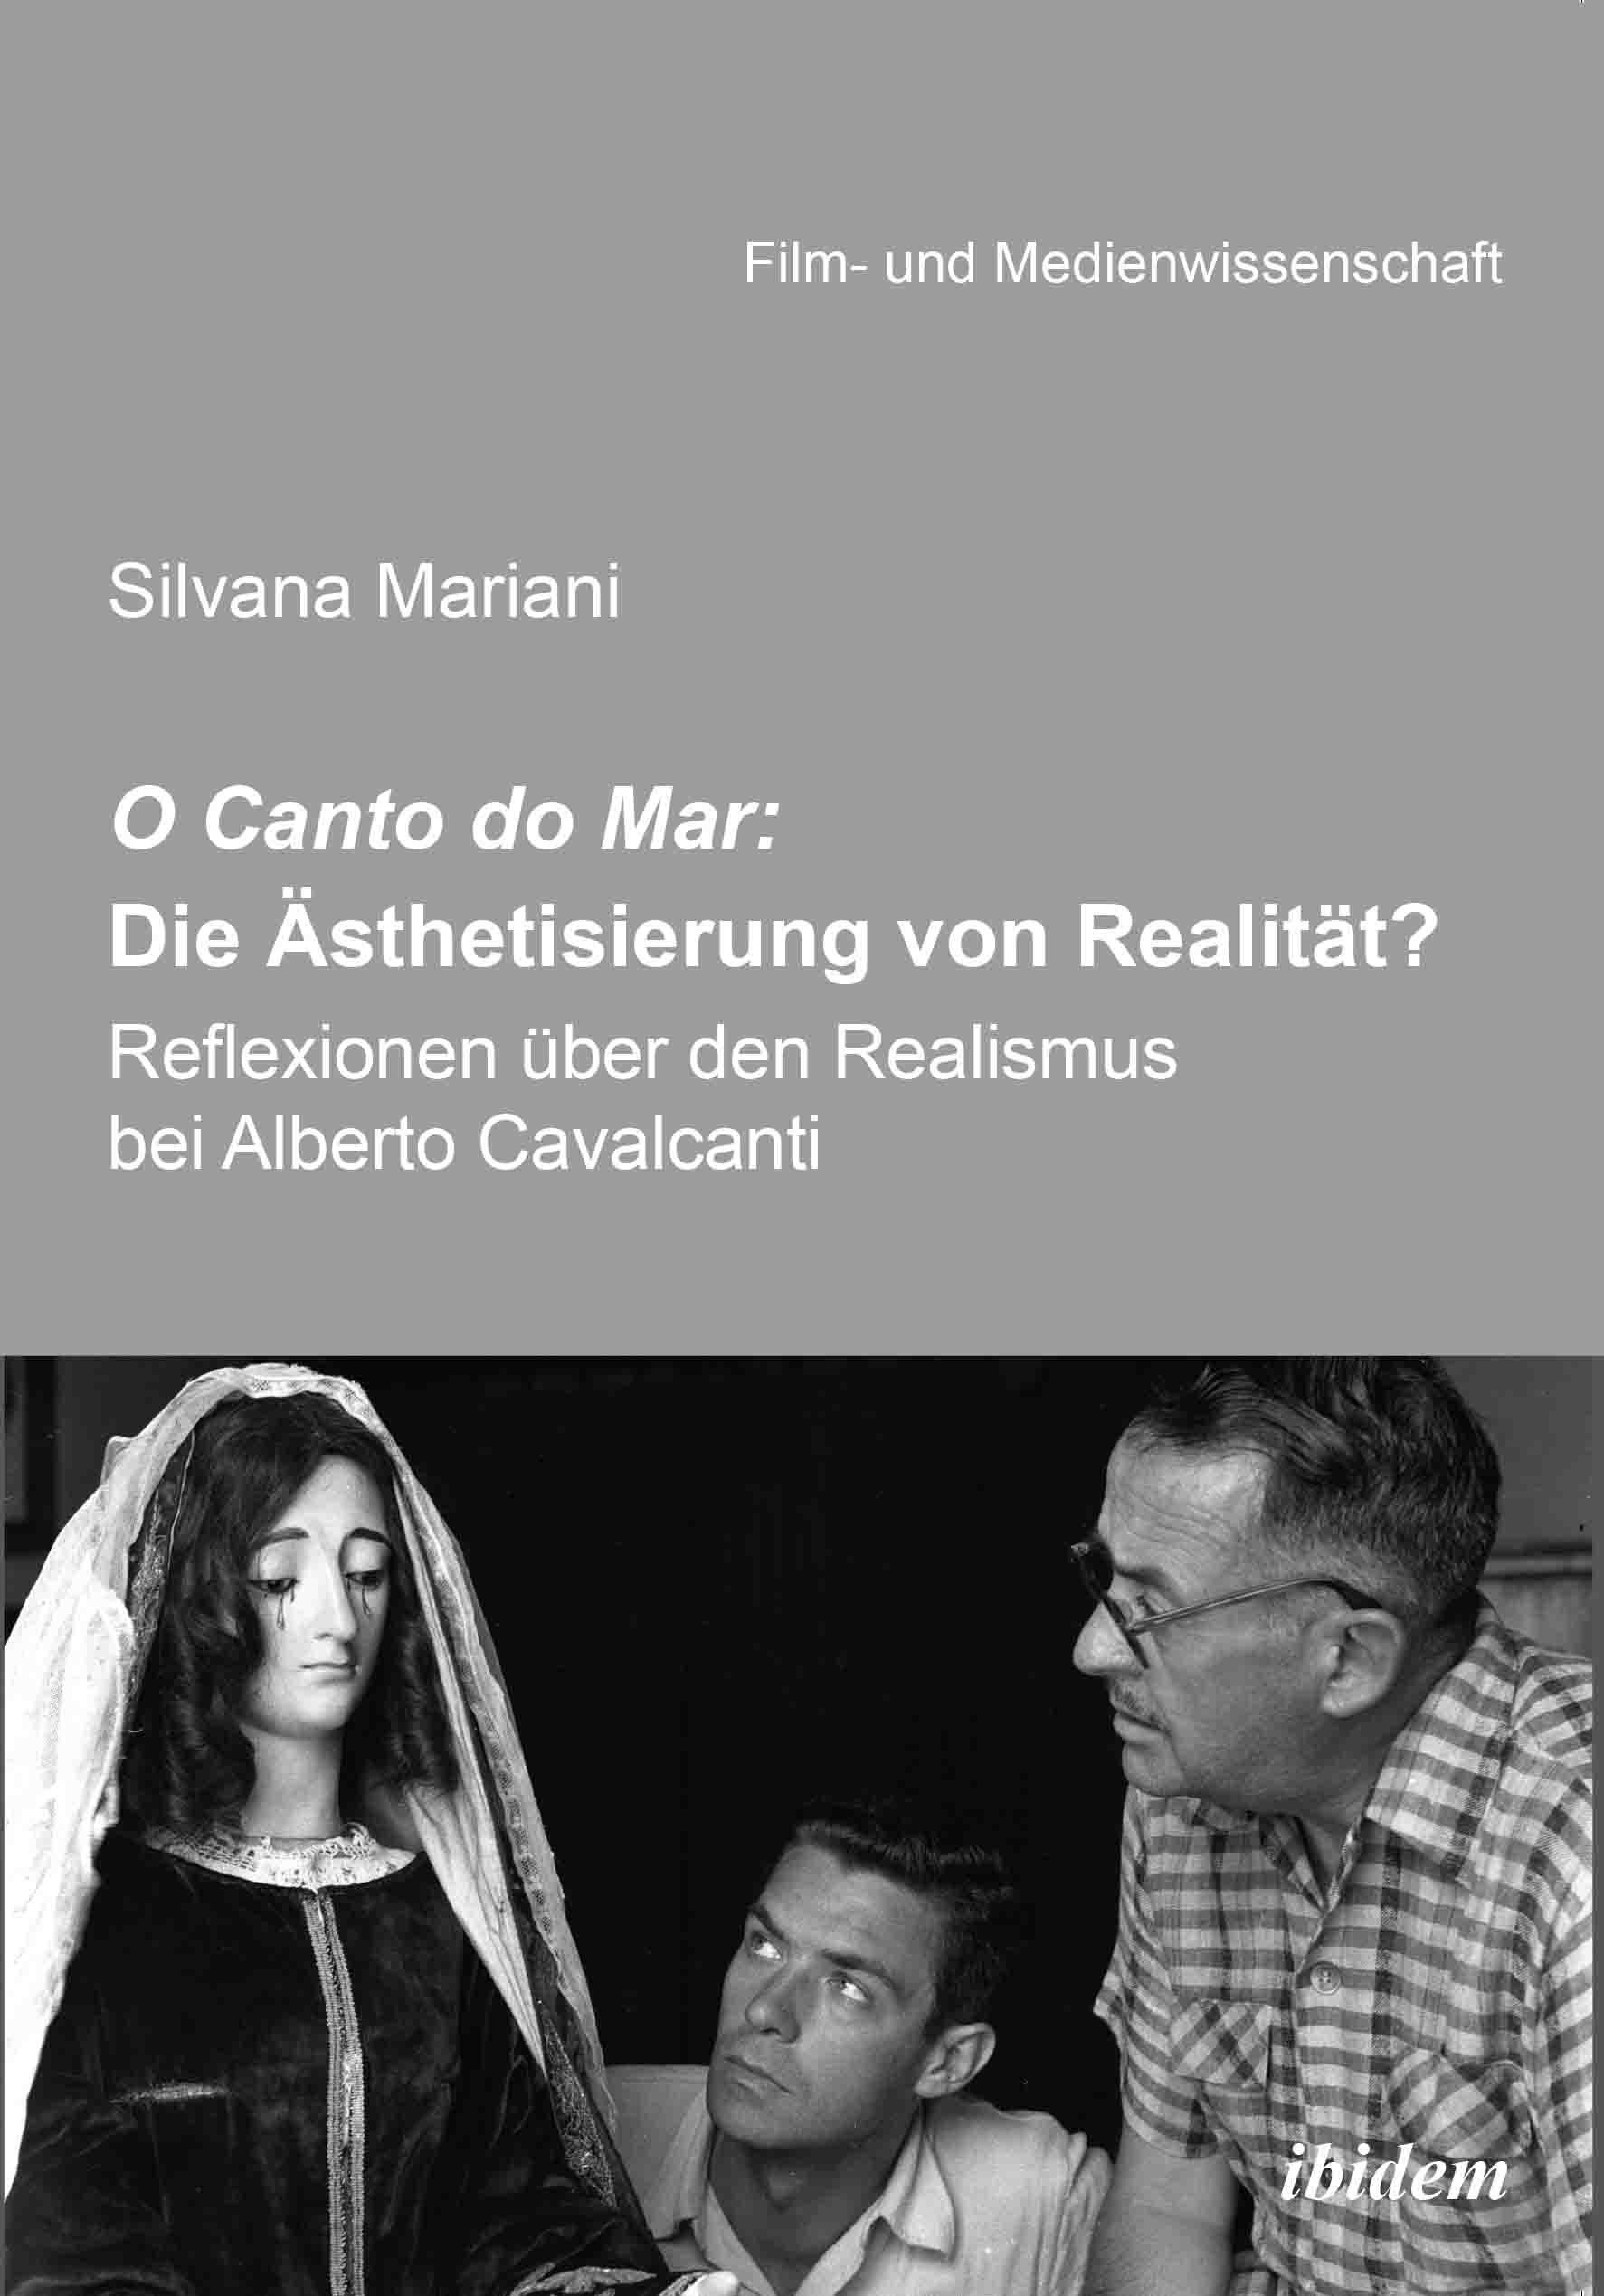 O Canto do Mar: Die Ästhetisierung von Realität?